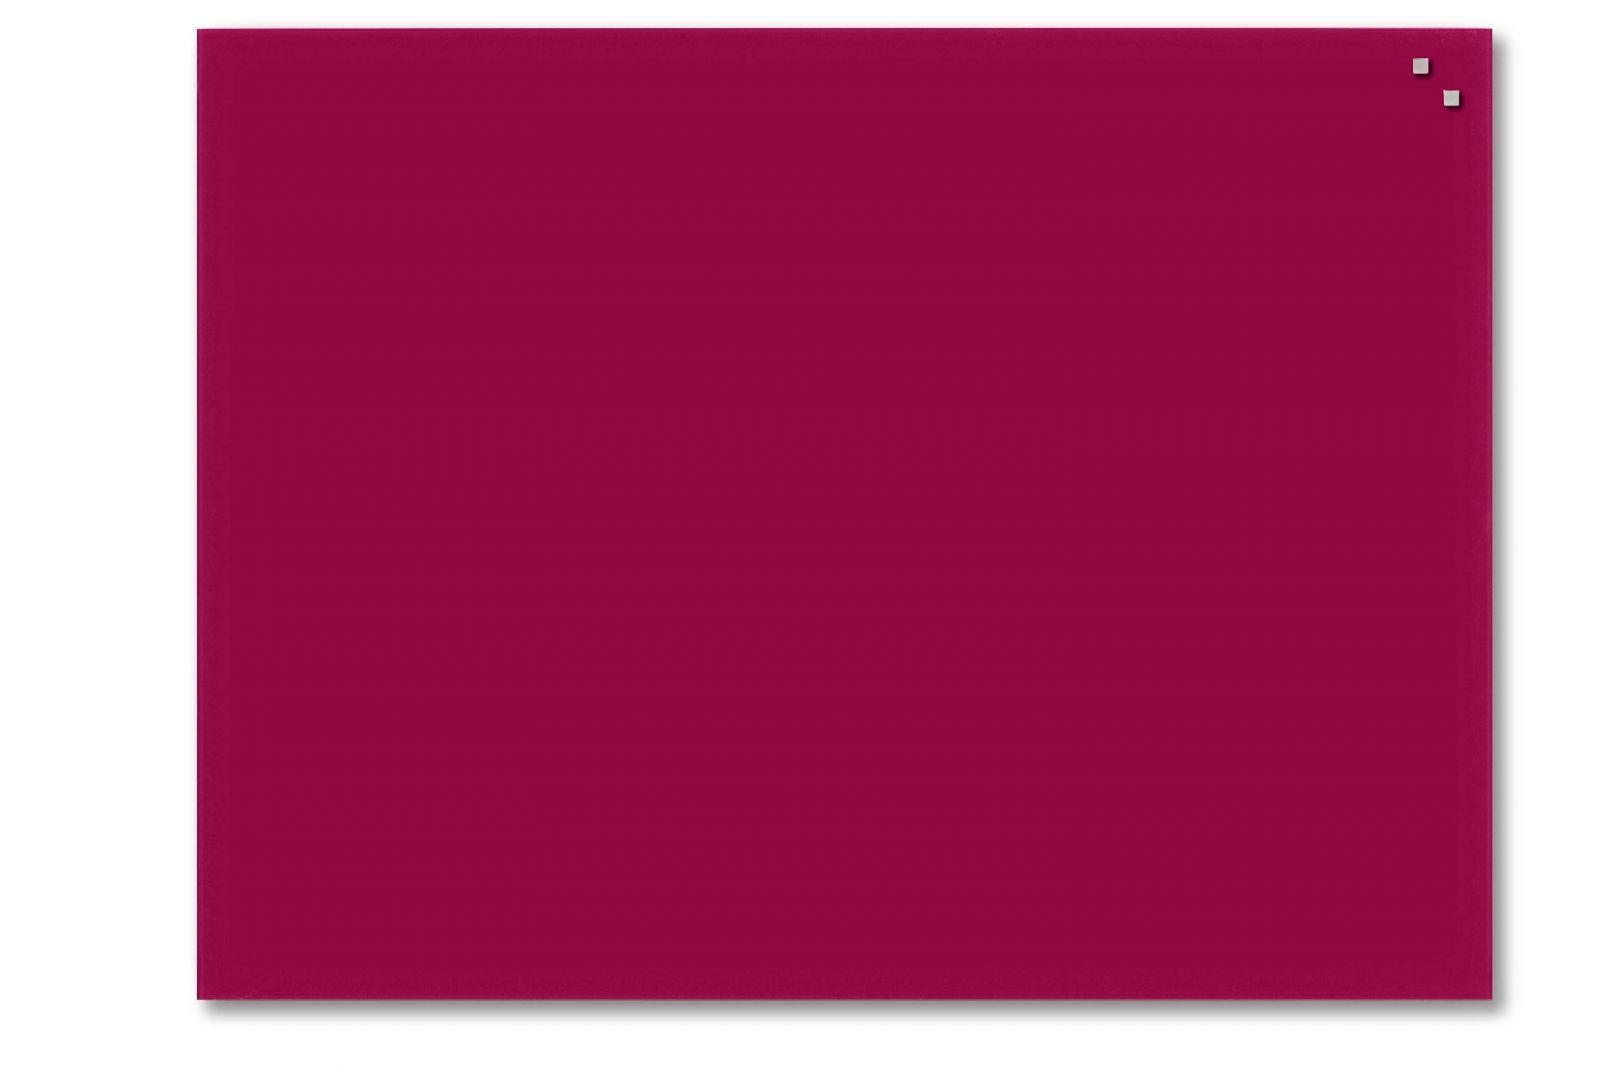 Skleněná magnetická tabule, 60x80 cm, Červená